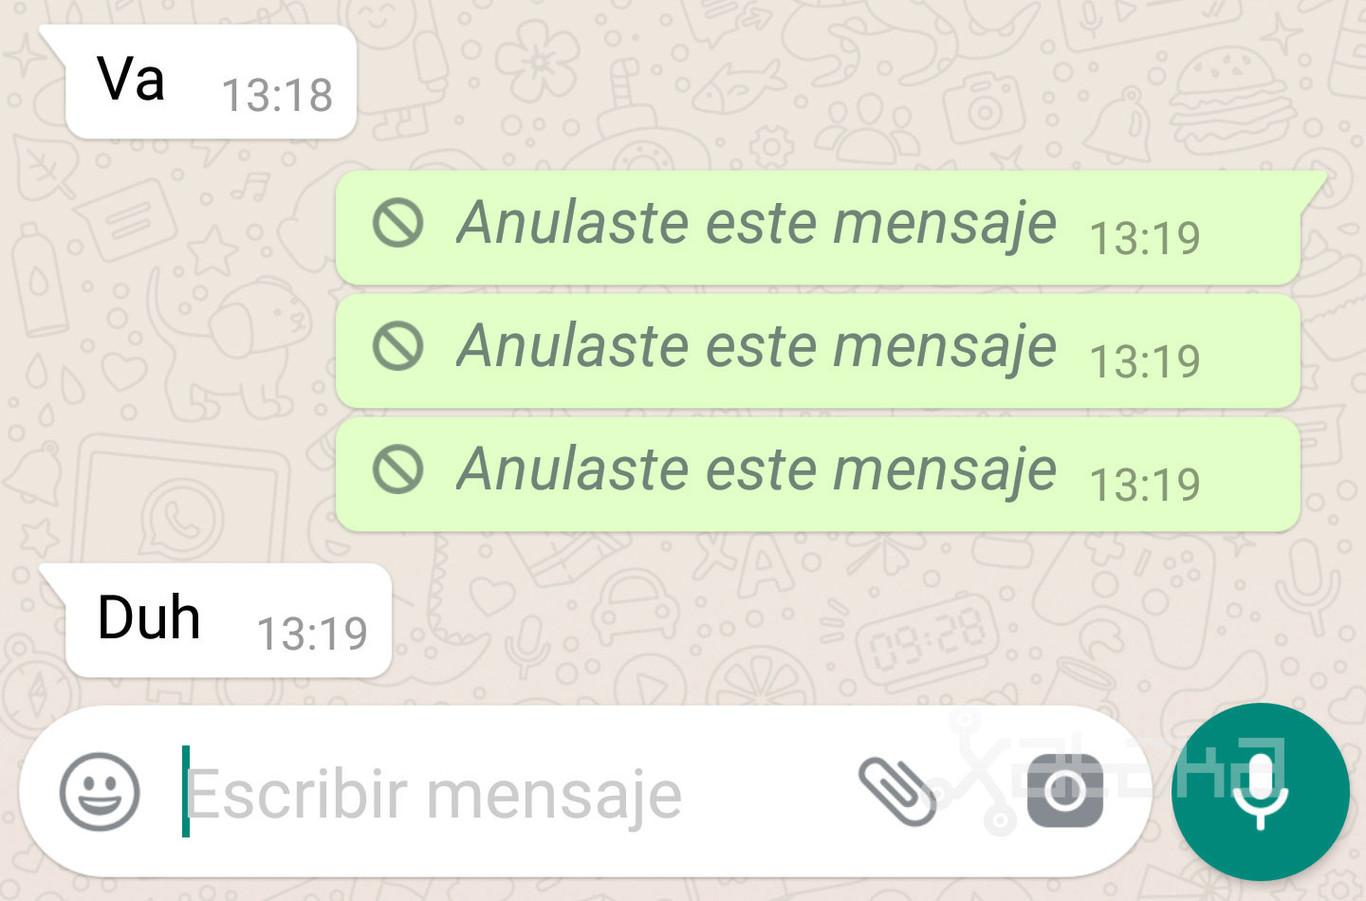 Ya puedes probar en whatsapp la opci n de anular mensajes enviados techinomys - Recuperar whatsapp borrados hace meses ...